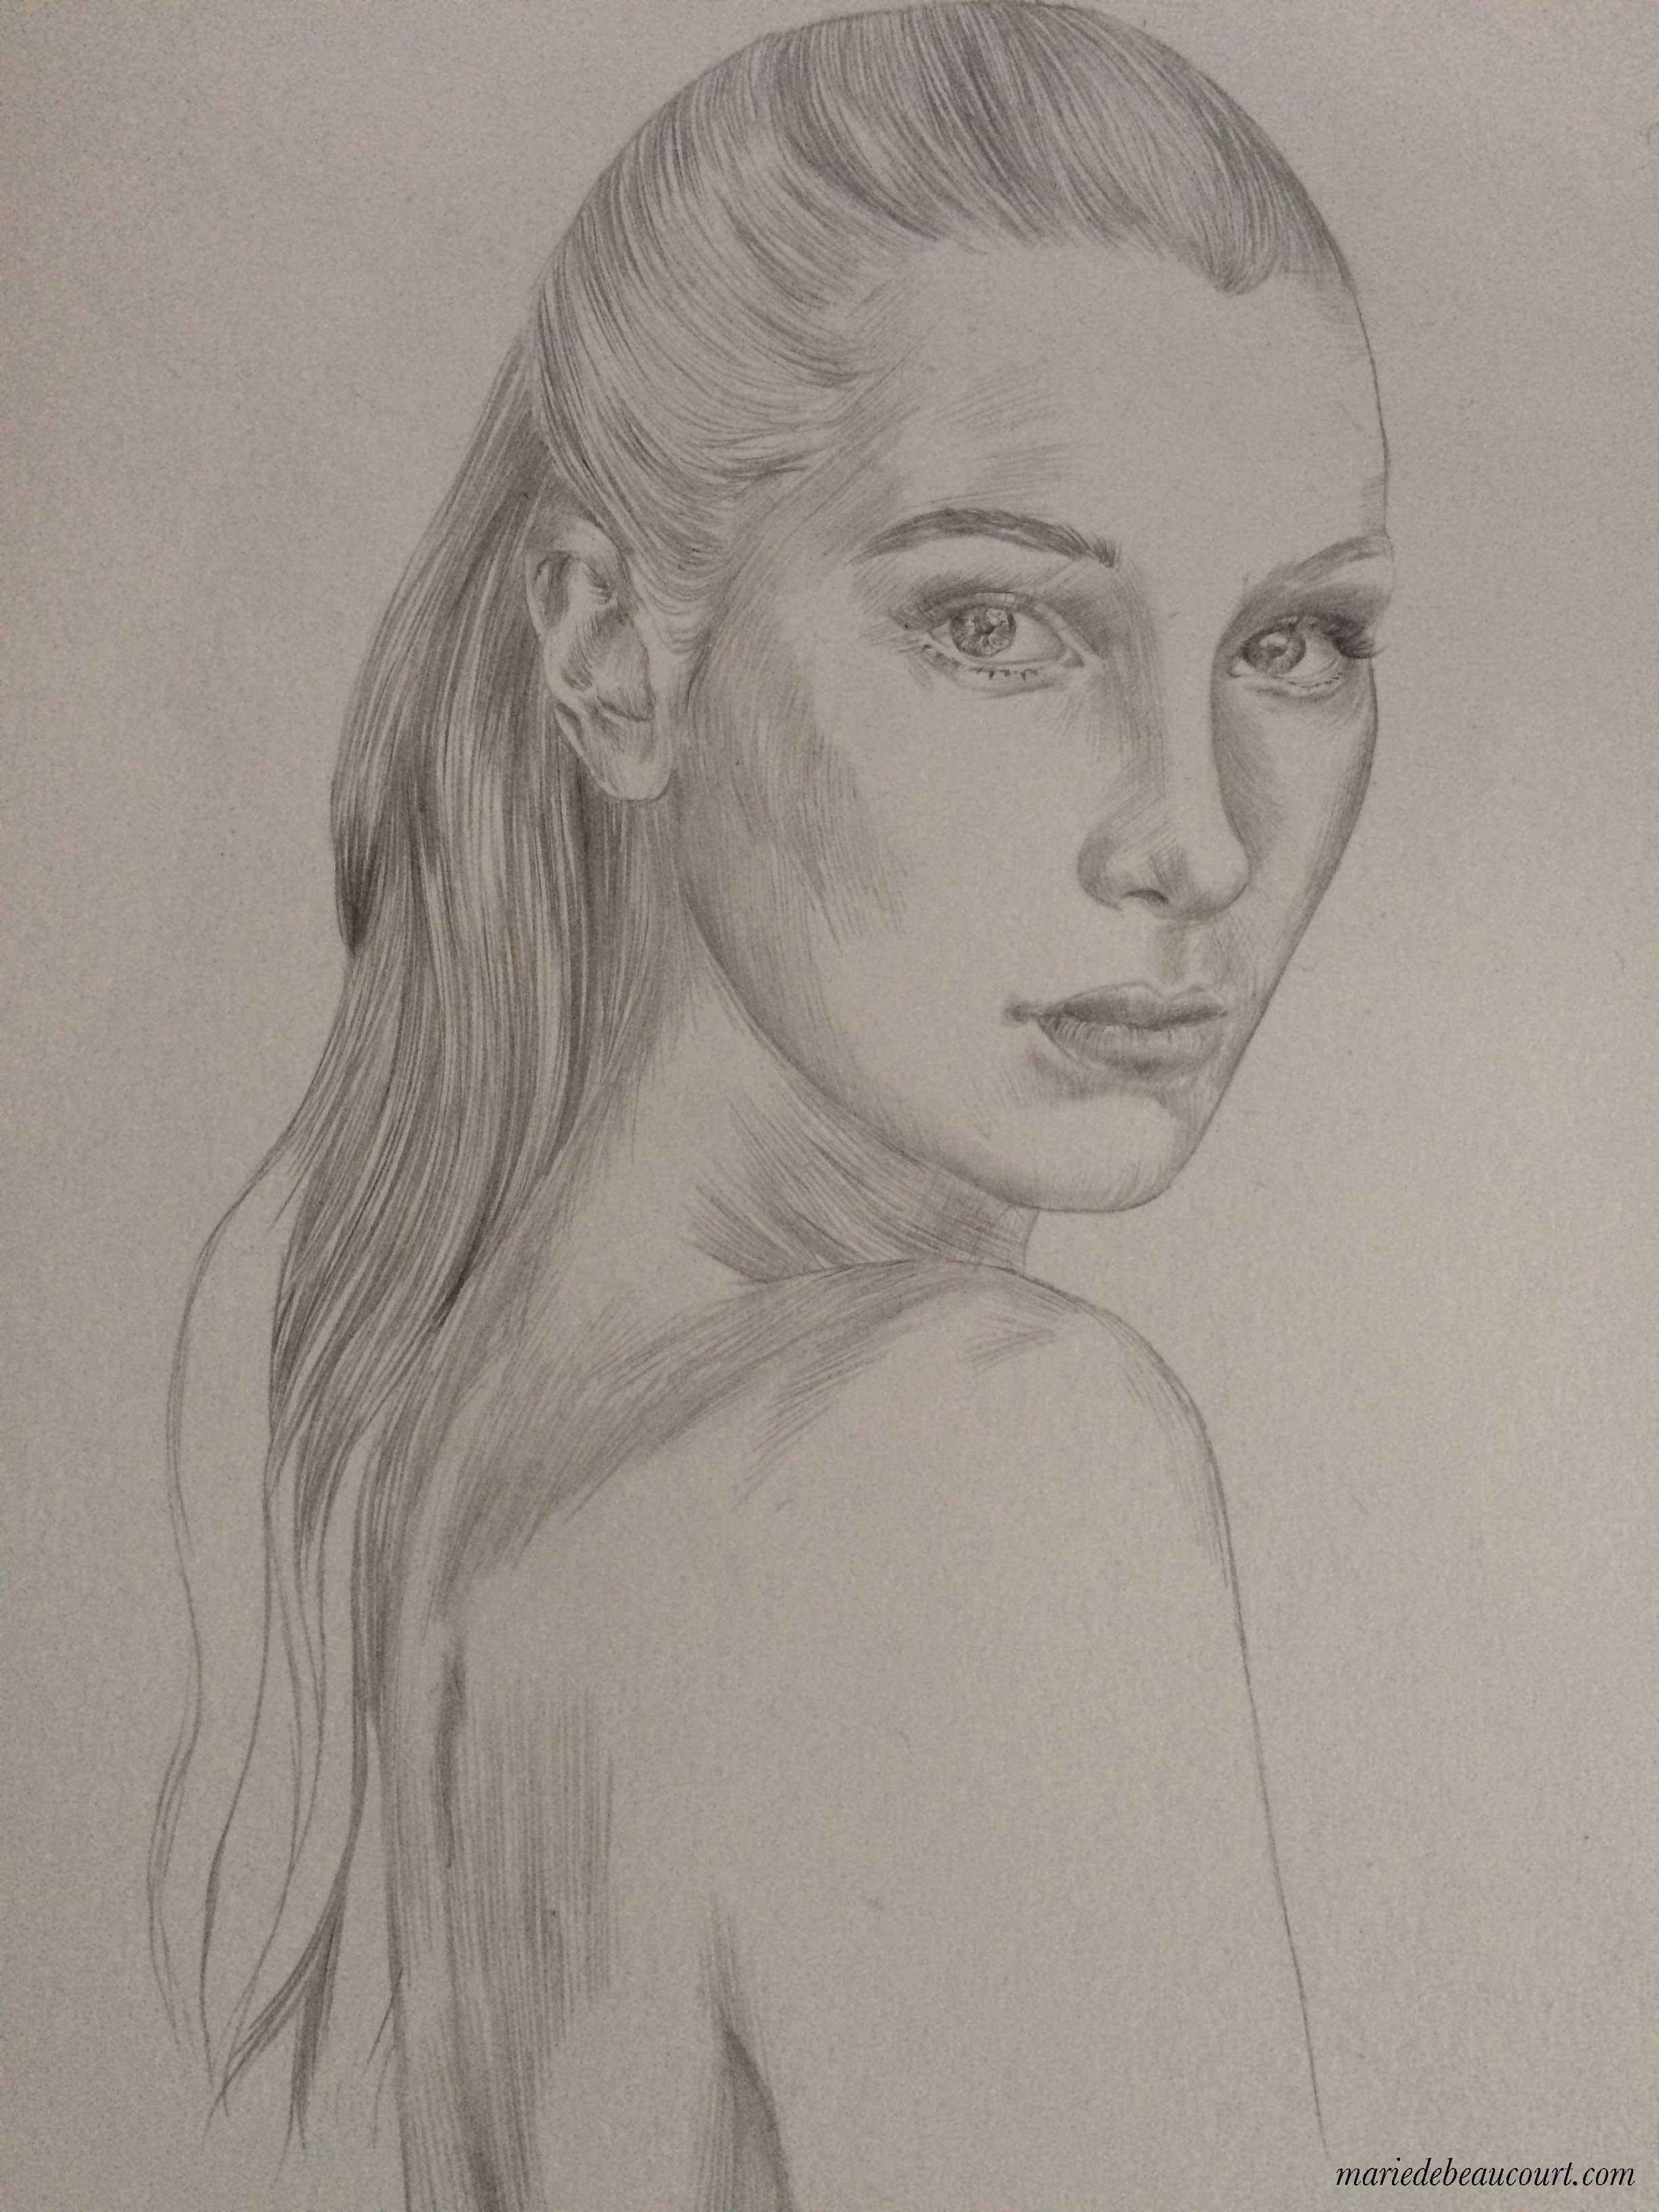 marie-de-beaucourt-portraits-hadid-work-in-progress7.jpg